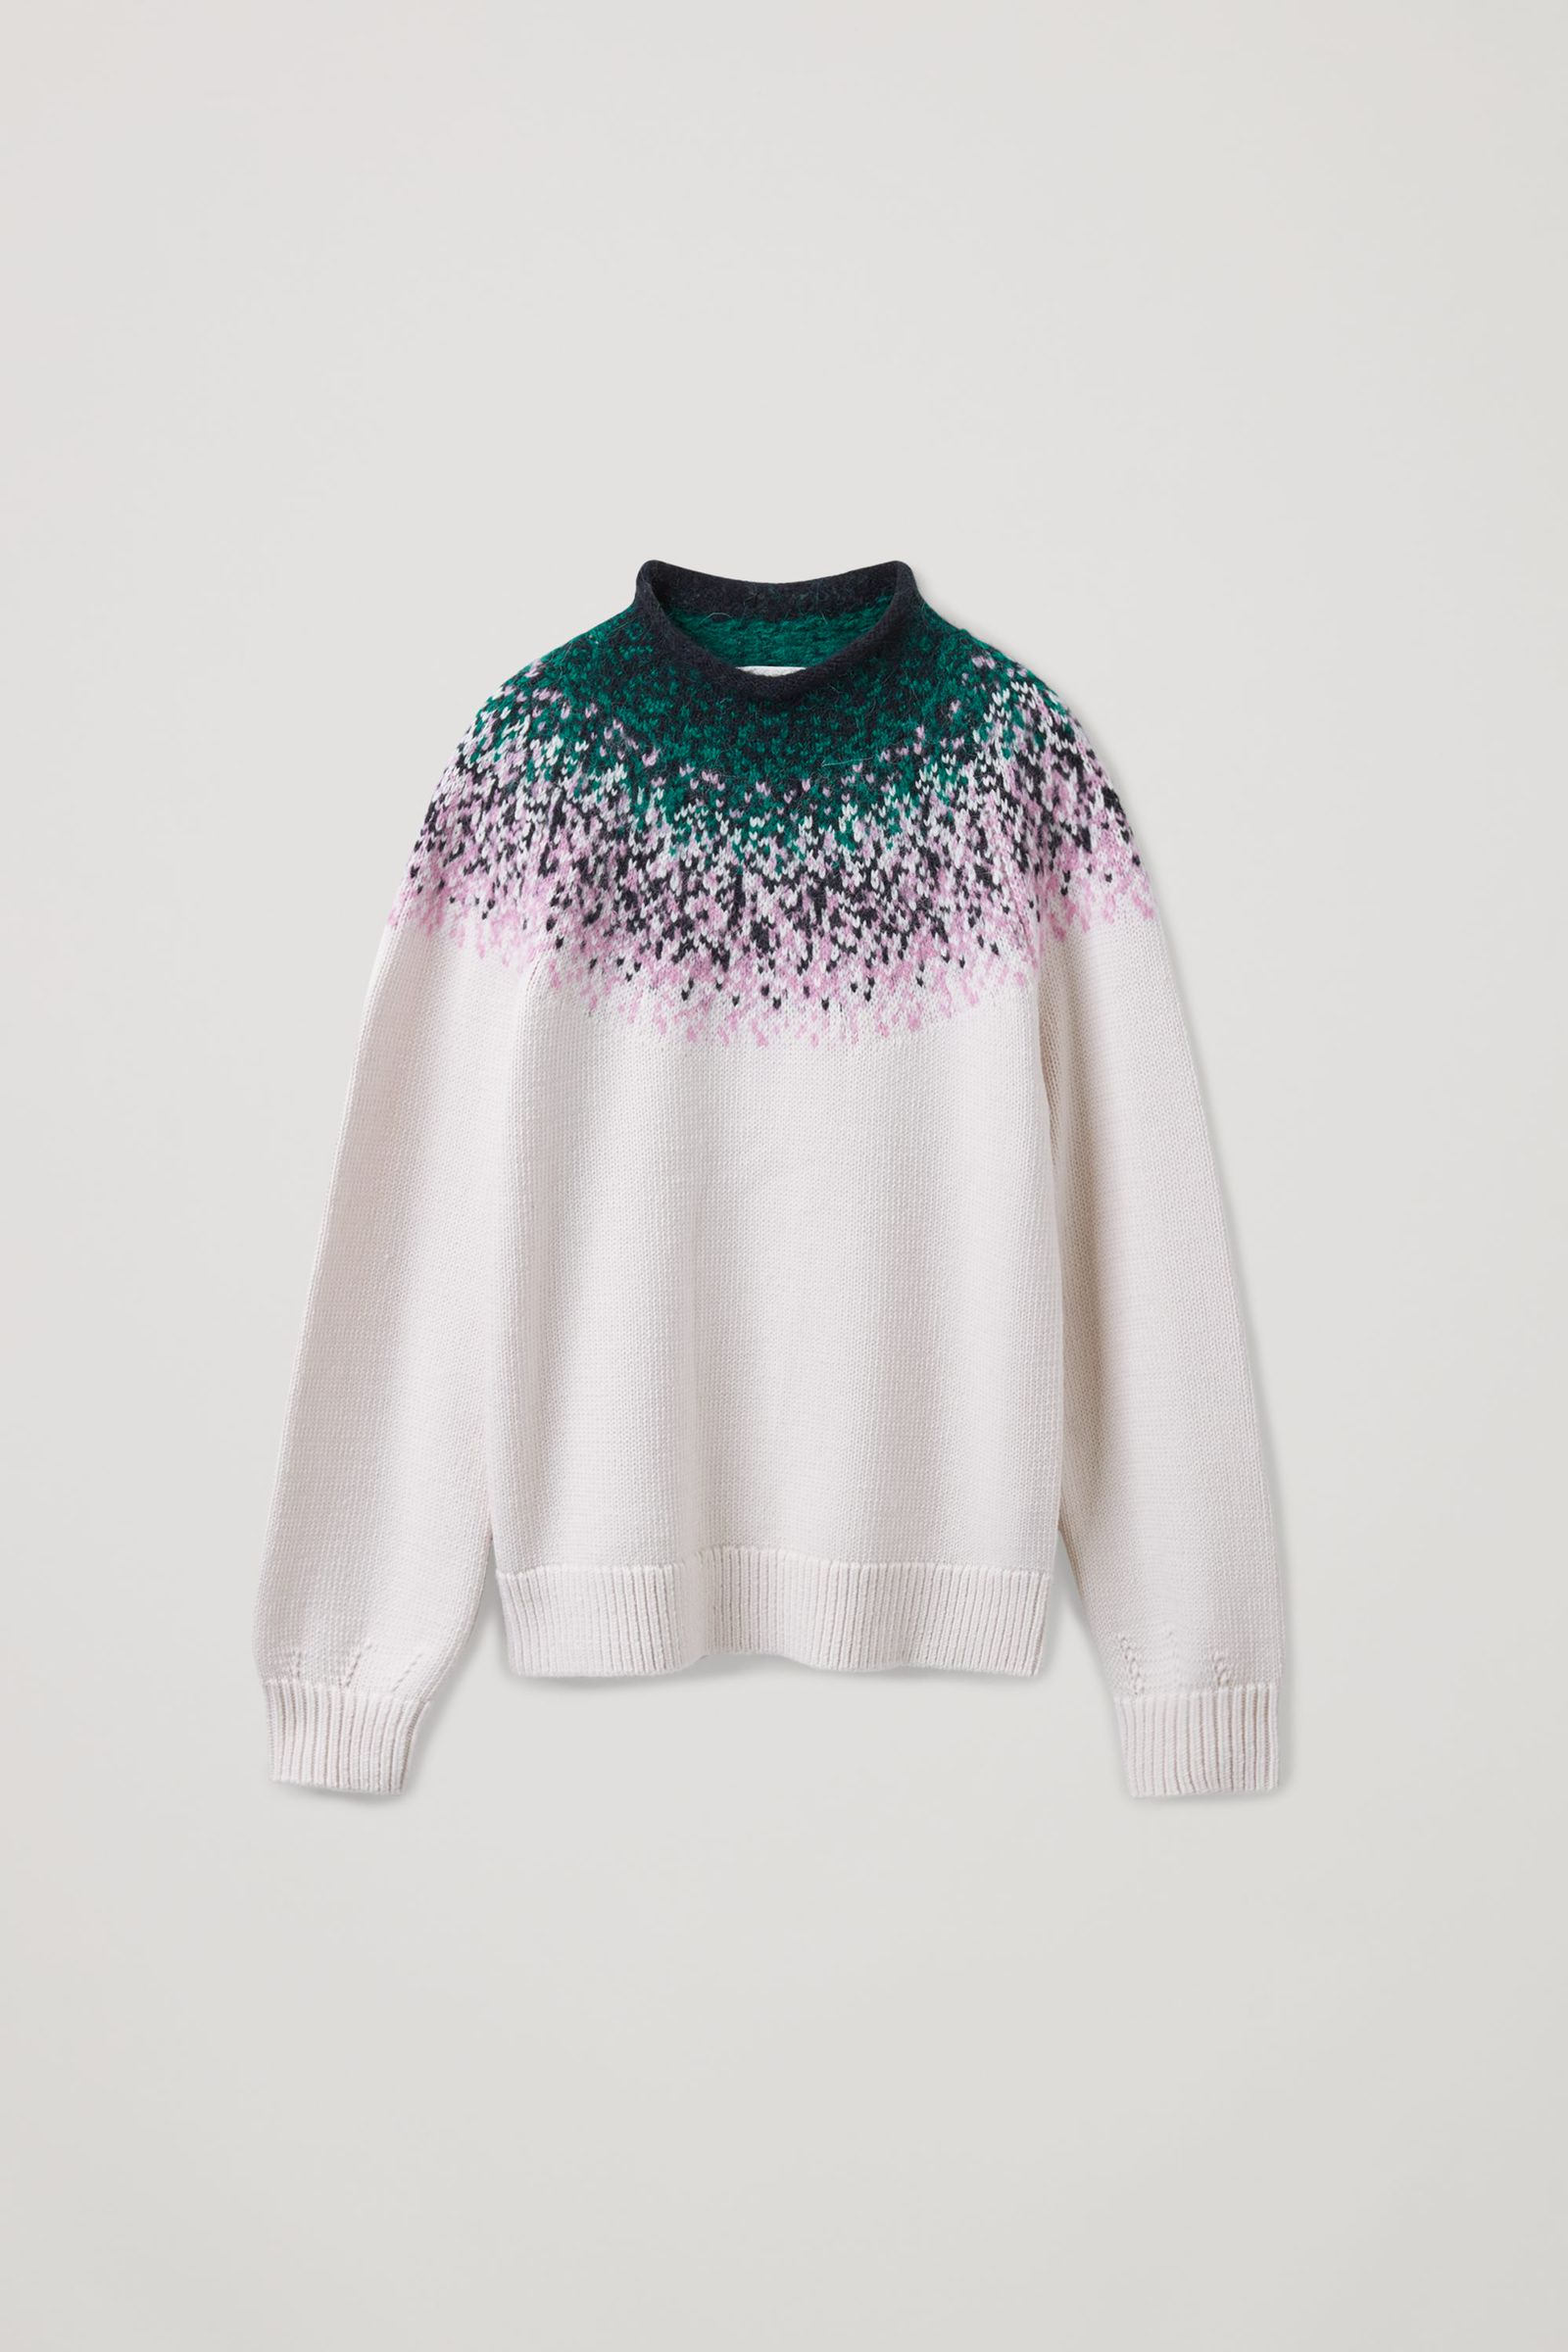 COS 리사이클 울 믹스 페어 아일 니트 스웨터의 멀티컬러컬러 Product입니다.